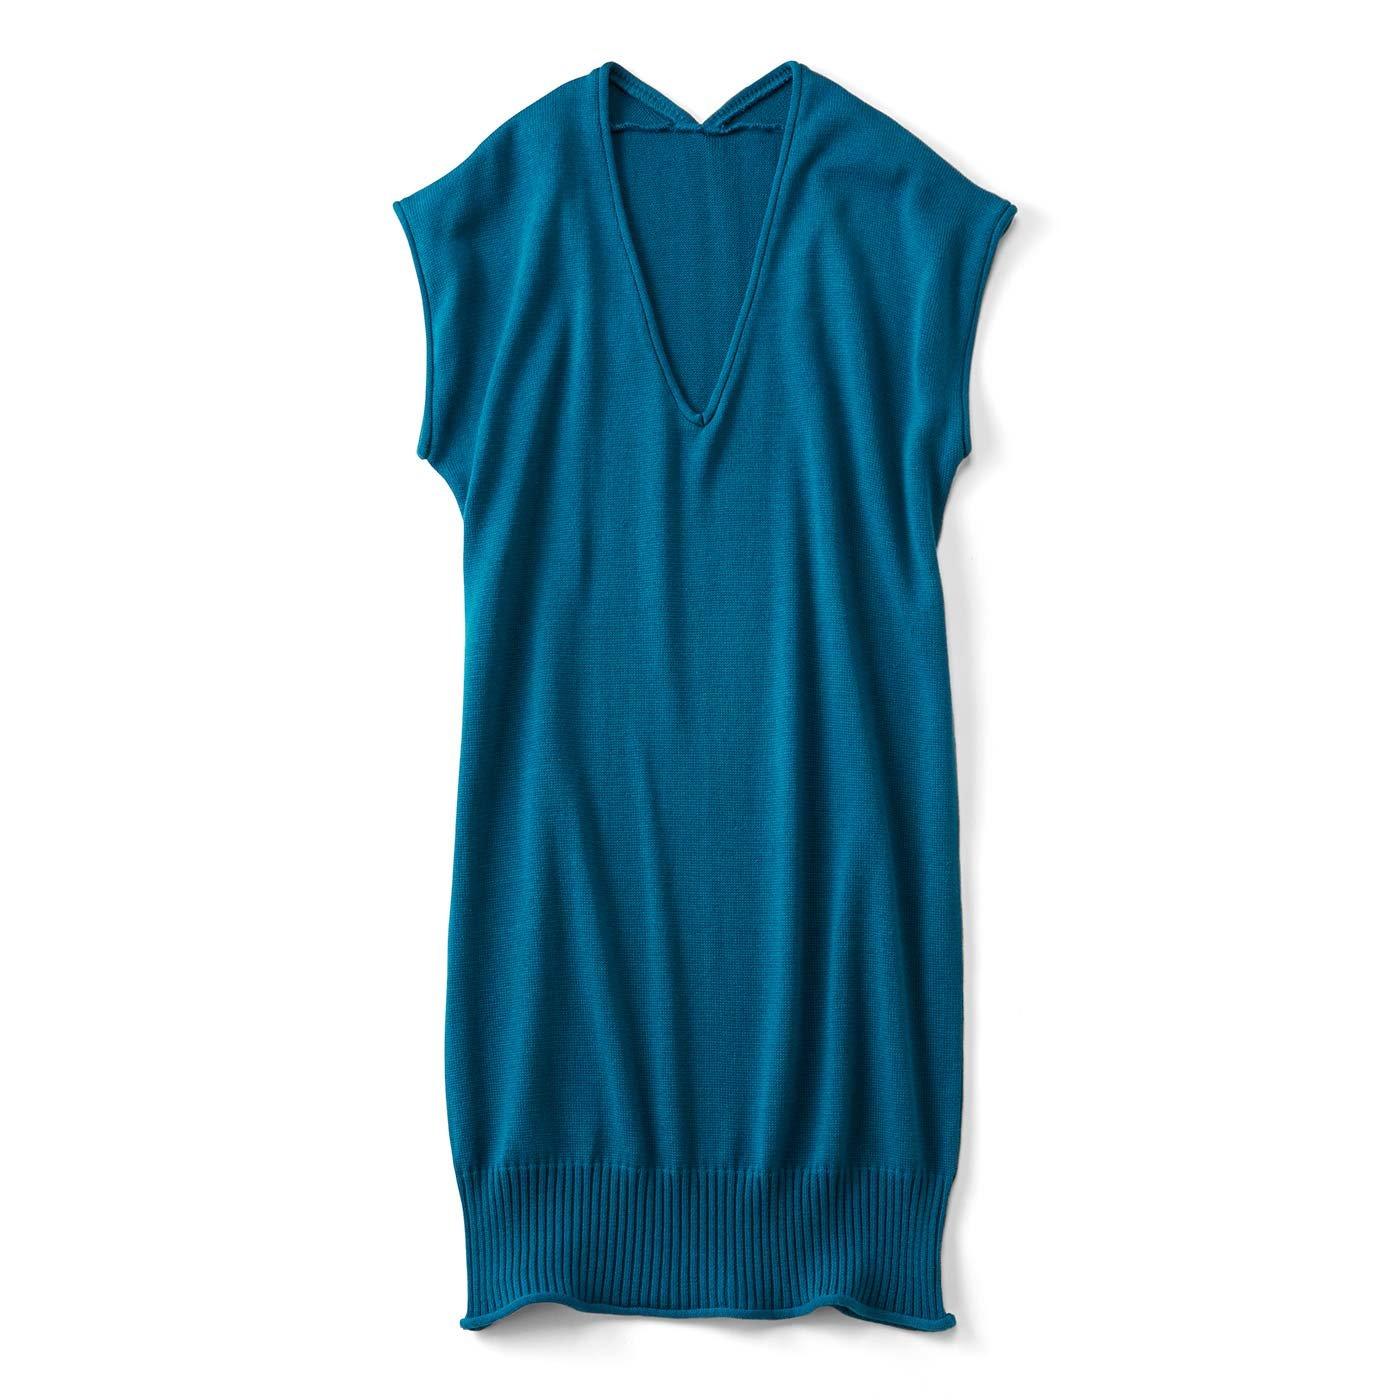 オッドアイニャンコのスリーブレスニットワンピース〈気まぐれなブルー猫〉